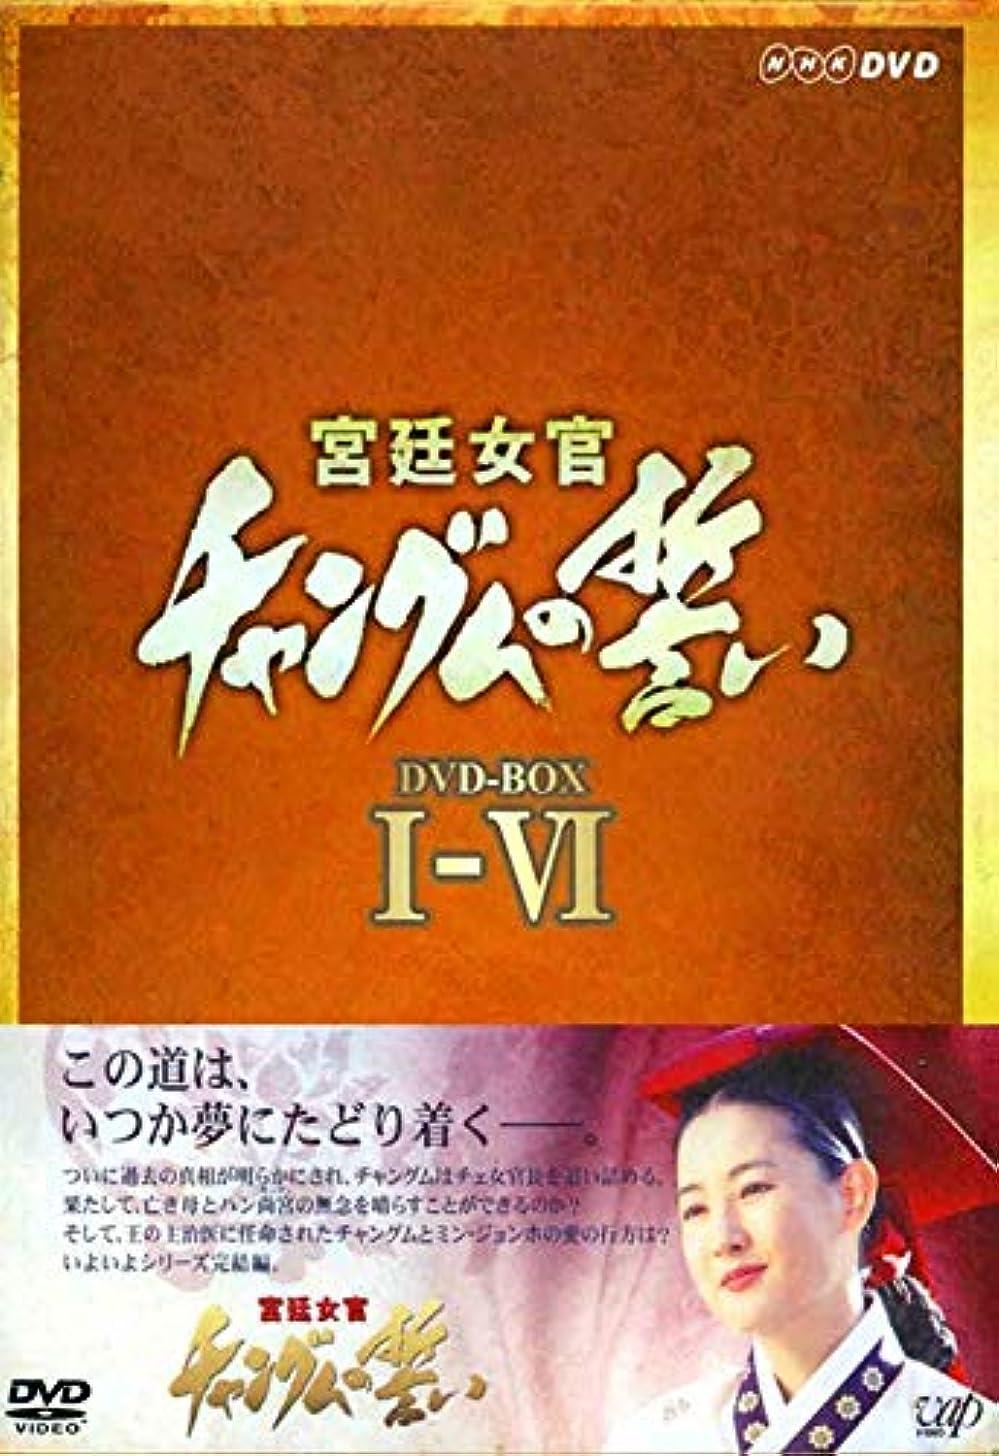 適切な後世びん宮廷女官 チャングムの誓い DVD-BOX I-VI 20枚組